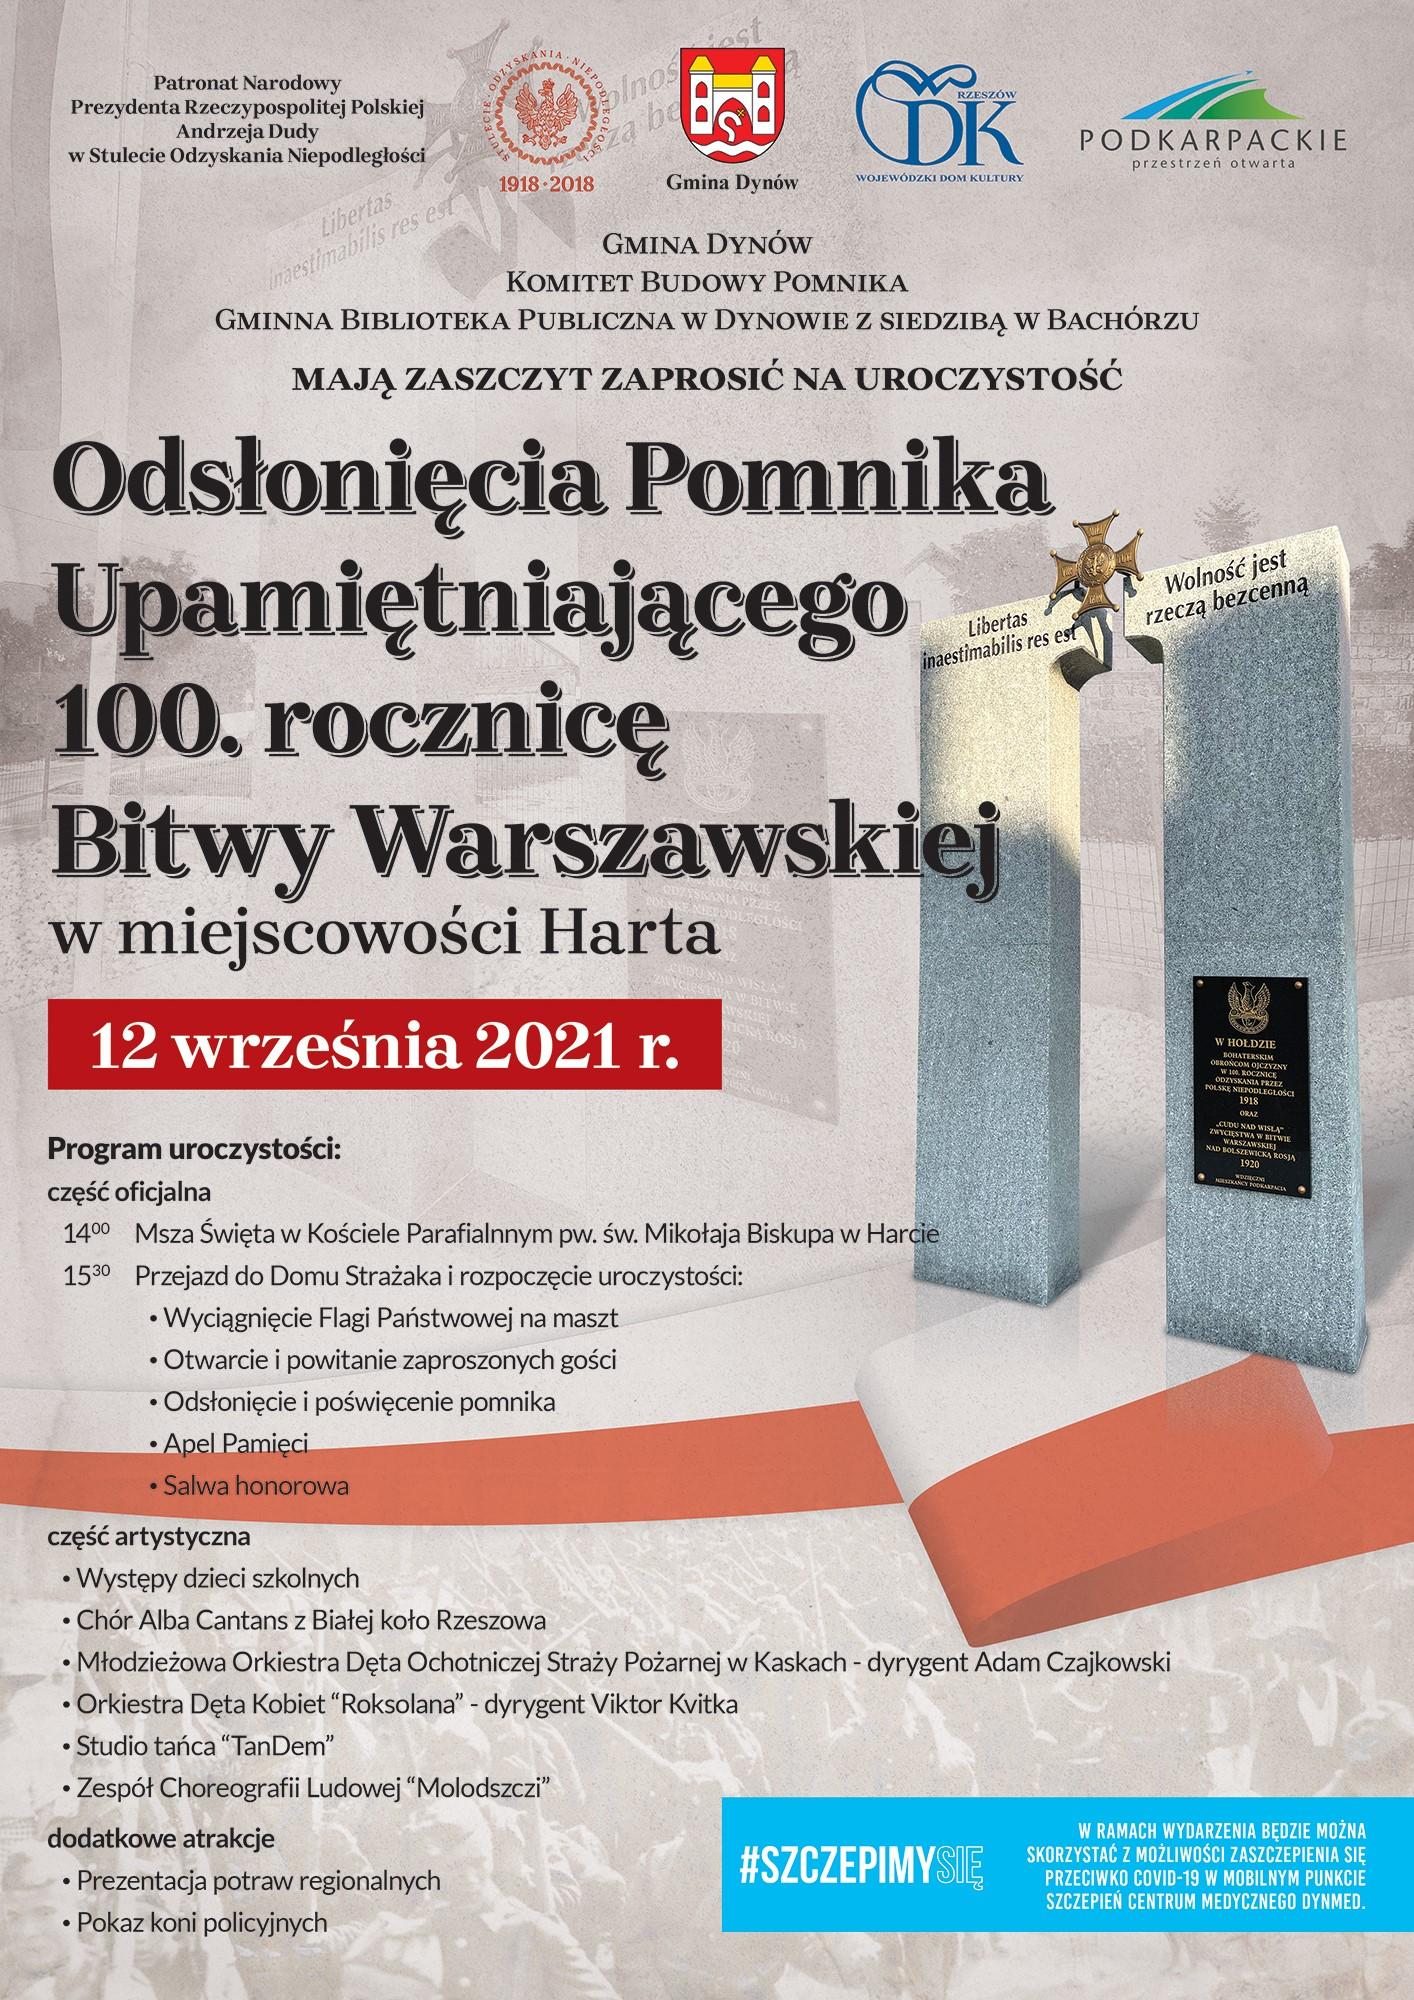 Zaproszenie na uroczystości odsłonięcia pomnika- Harta, 12 września 2021r.